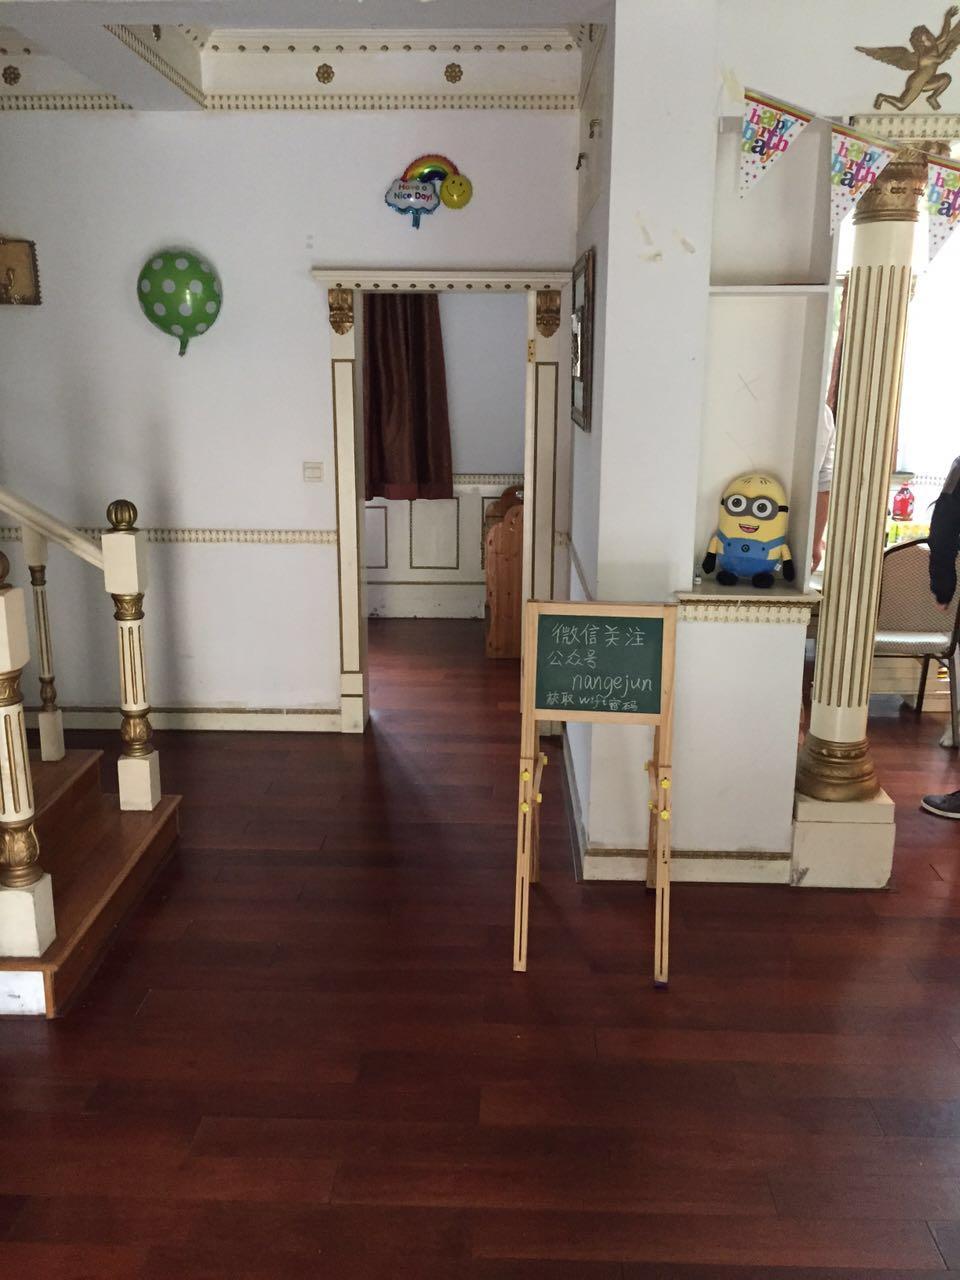 【南歌郡别墅轰趴聚复新】世纪巧克力别墅派对牛奶梓山湖别墅图片